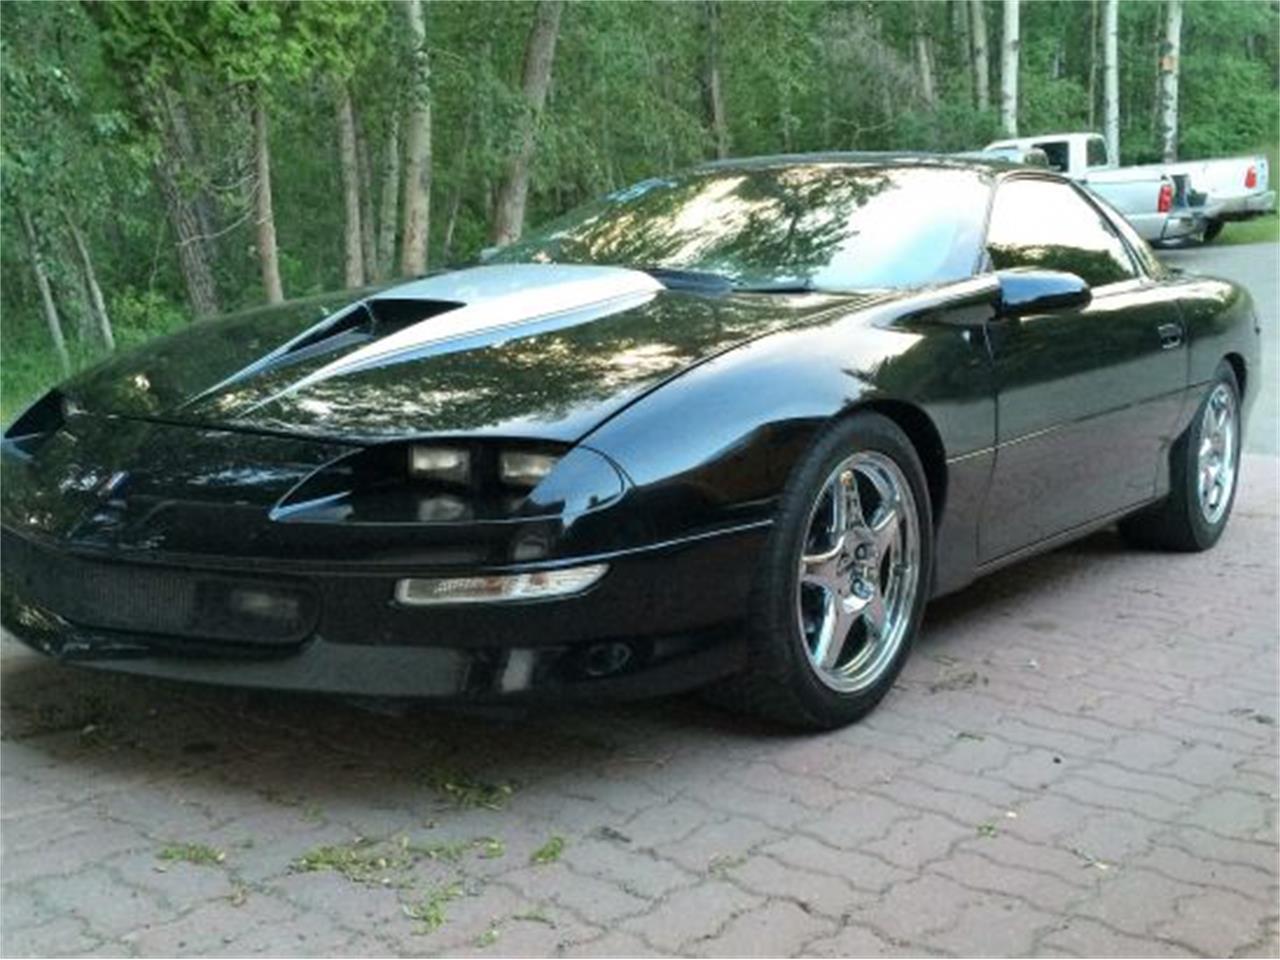 1997 Chevrolet Camaro Z28 For Sale Classiccars Com Cc 1035544